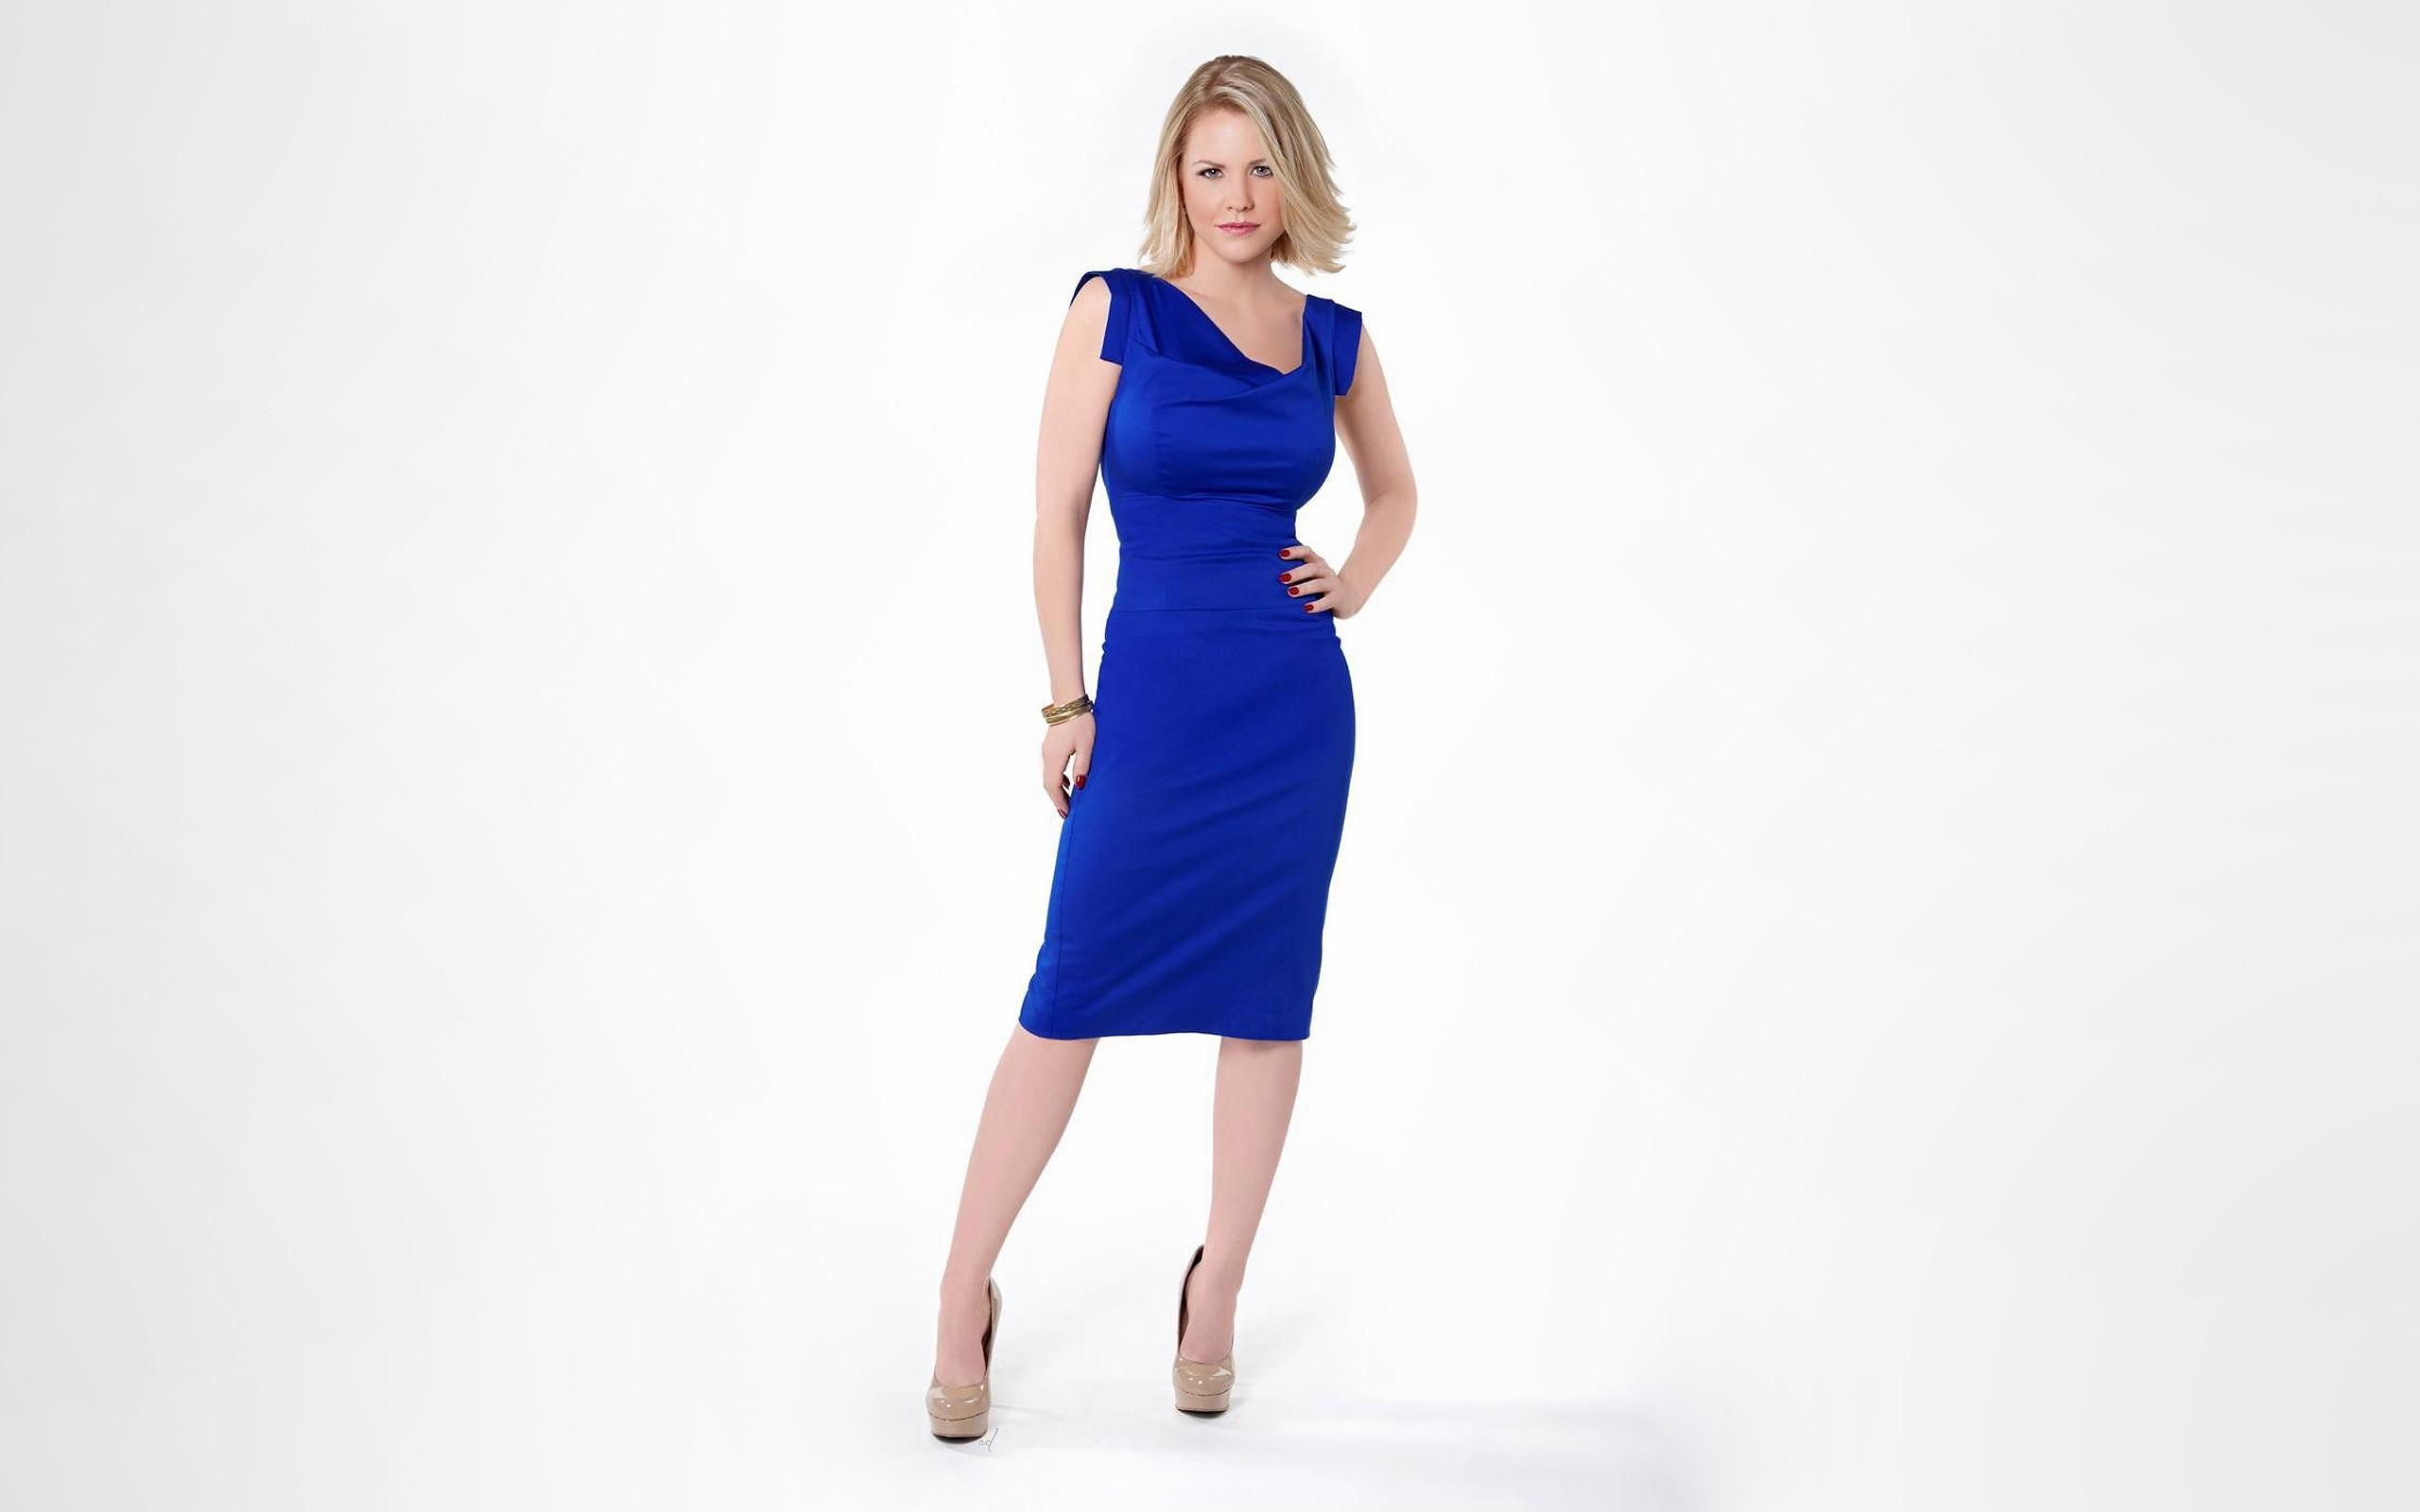 Hintergrundbilder : Frau, Modell-, blond, Einfacher hintergrund ...